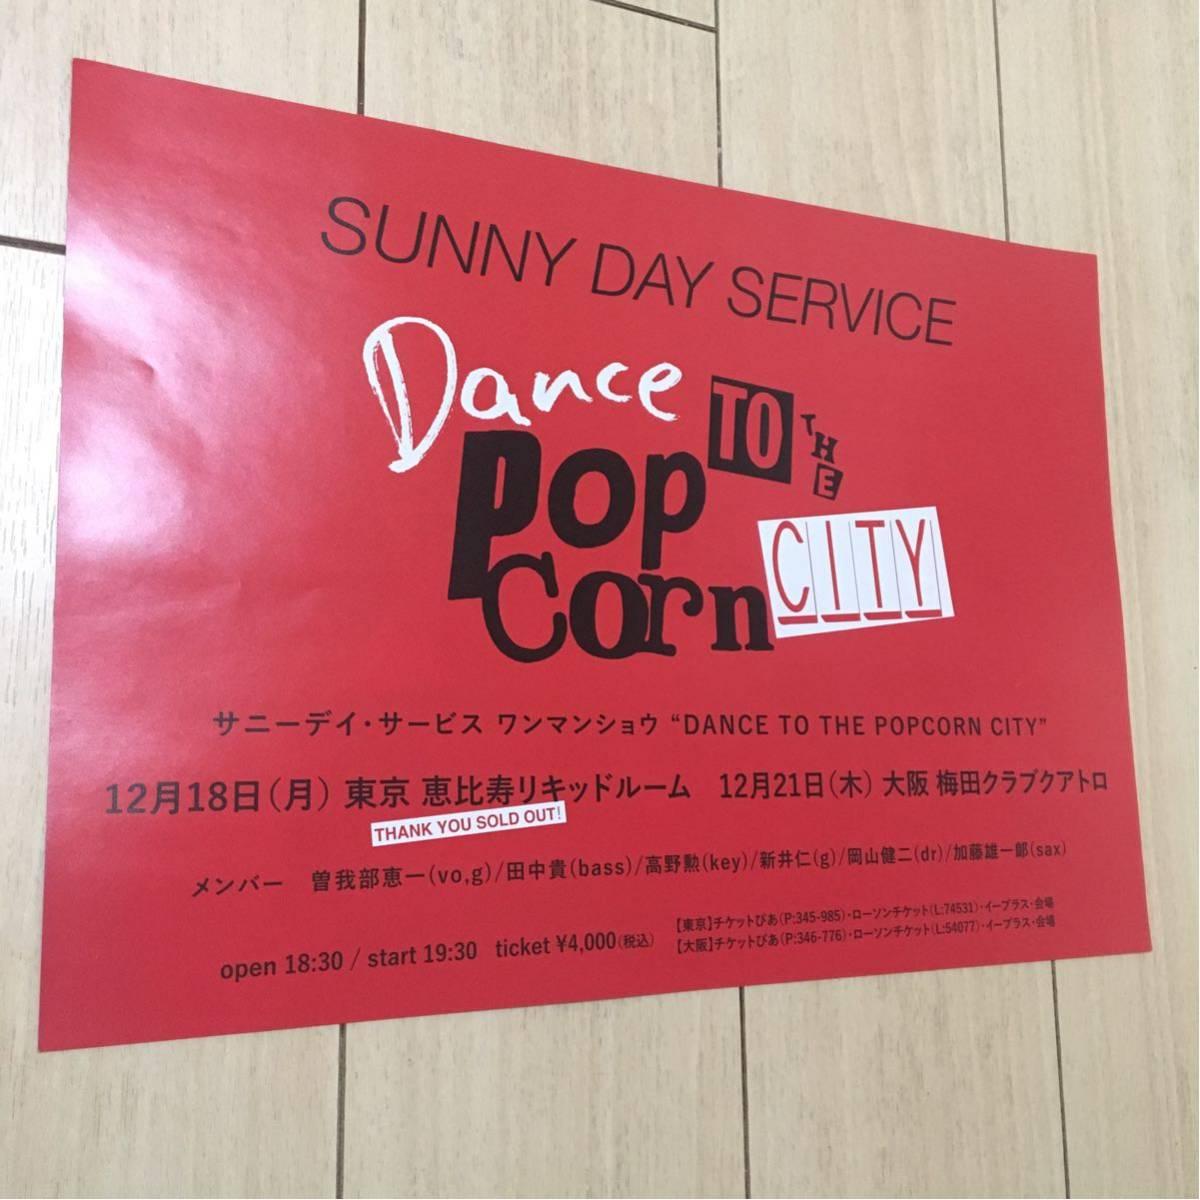 サニーデイ・サービス sunny day service ライブ 告知 チラシ 2017 dance to the pop corn city ワンマン ショウ 曽我部恵一